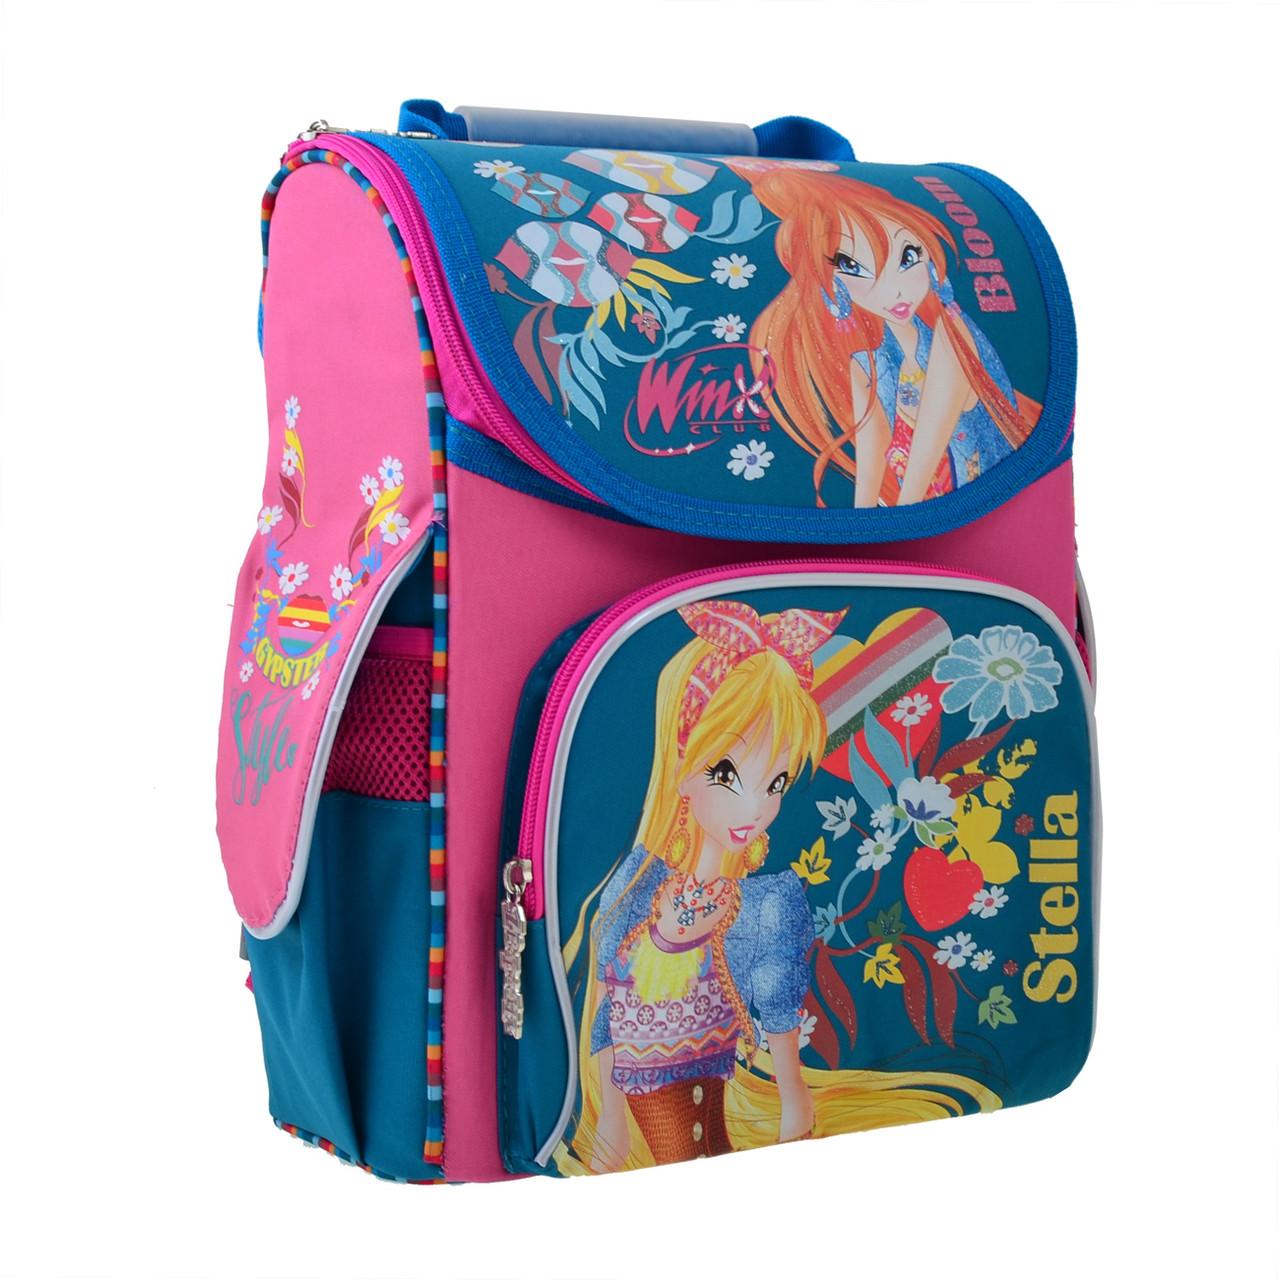 Рюкзак школьный каркасный 1 Вересня H-11 Winx mint, 33.5*26*13.5 555188